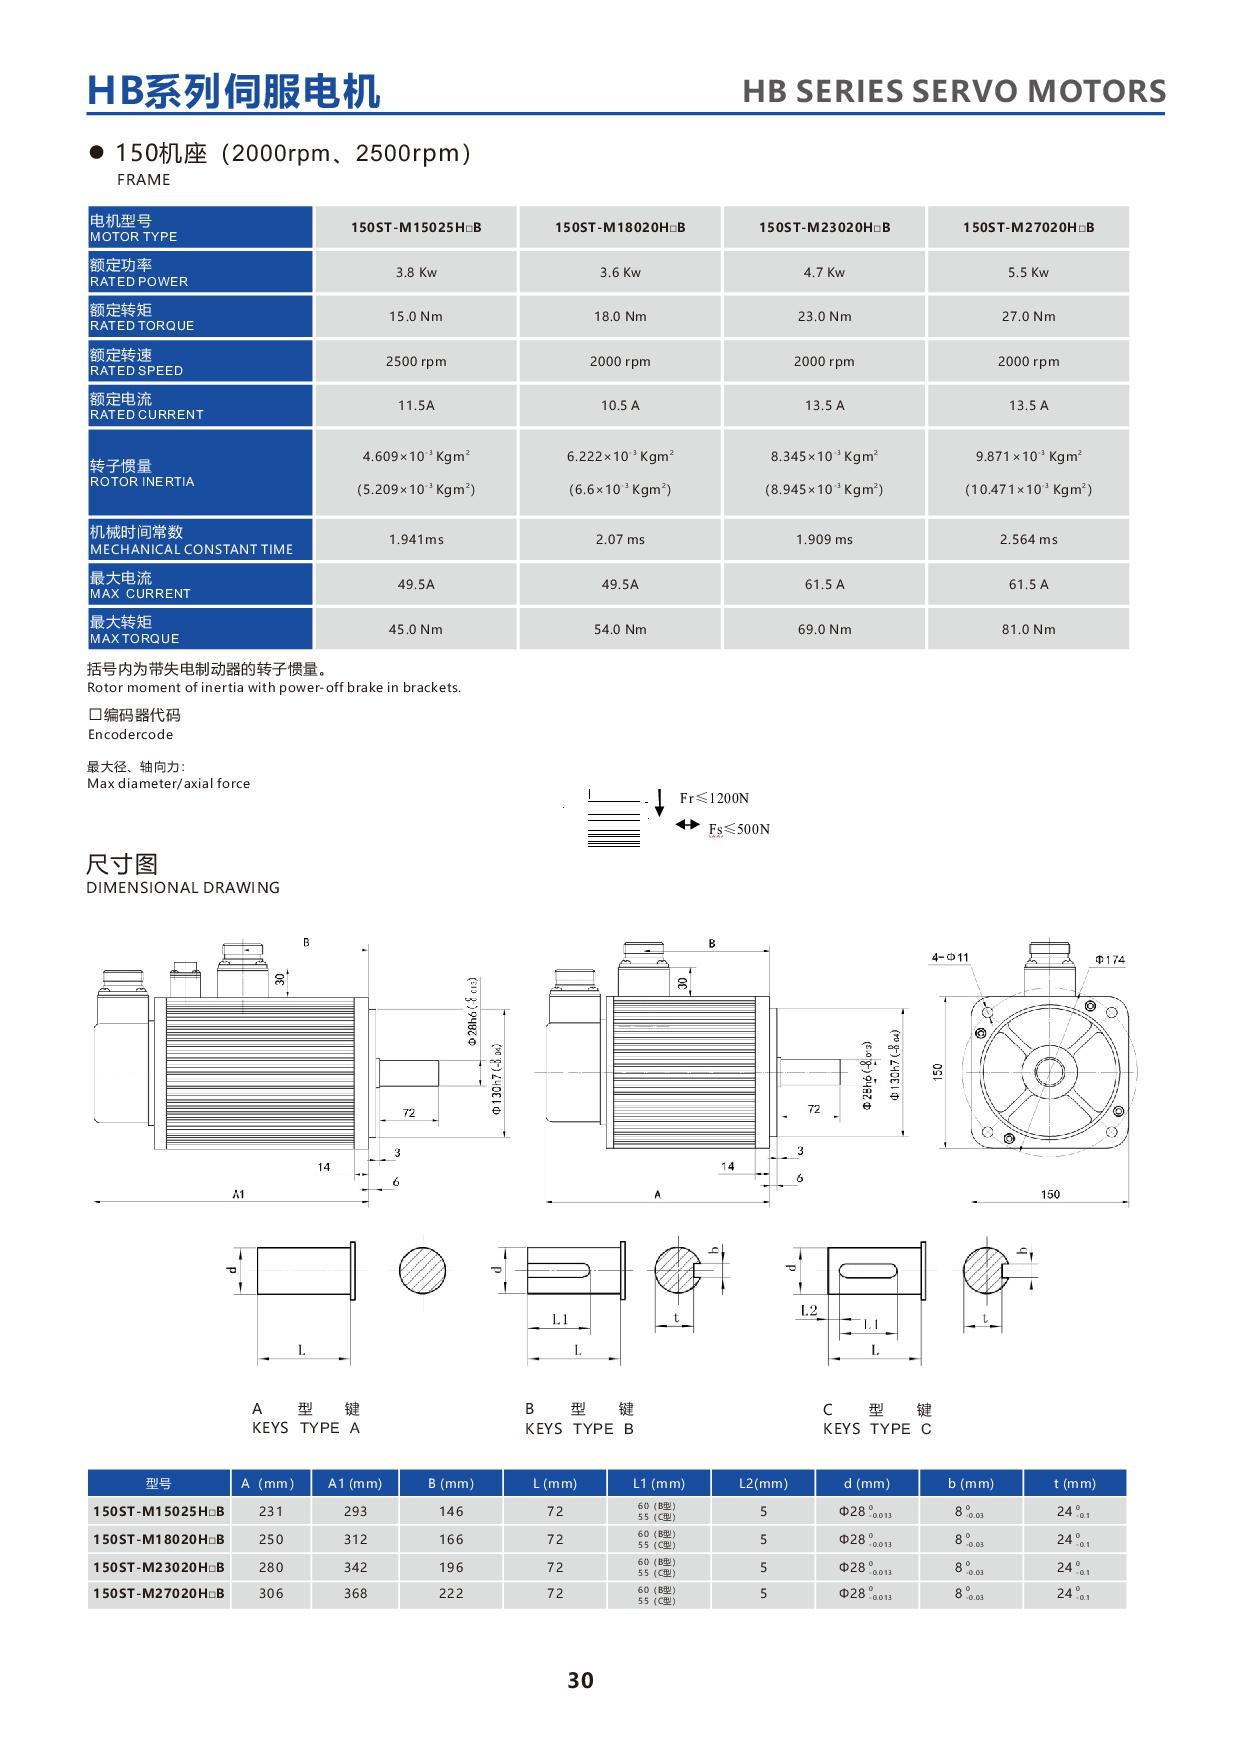 產品特性-28-HBseries150STservomotor